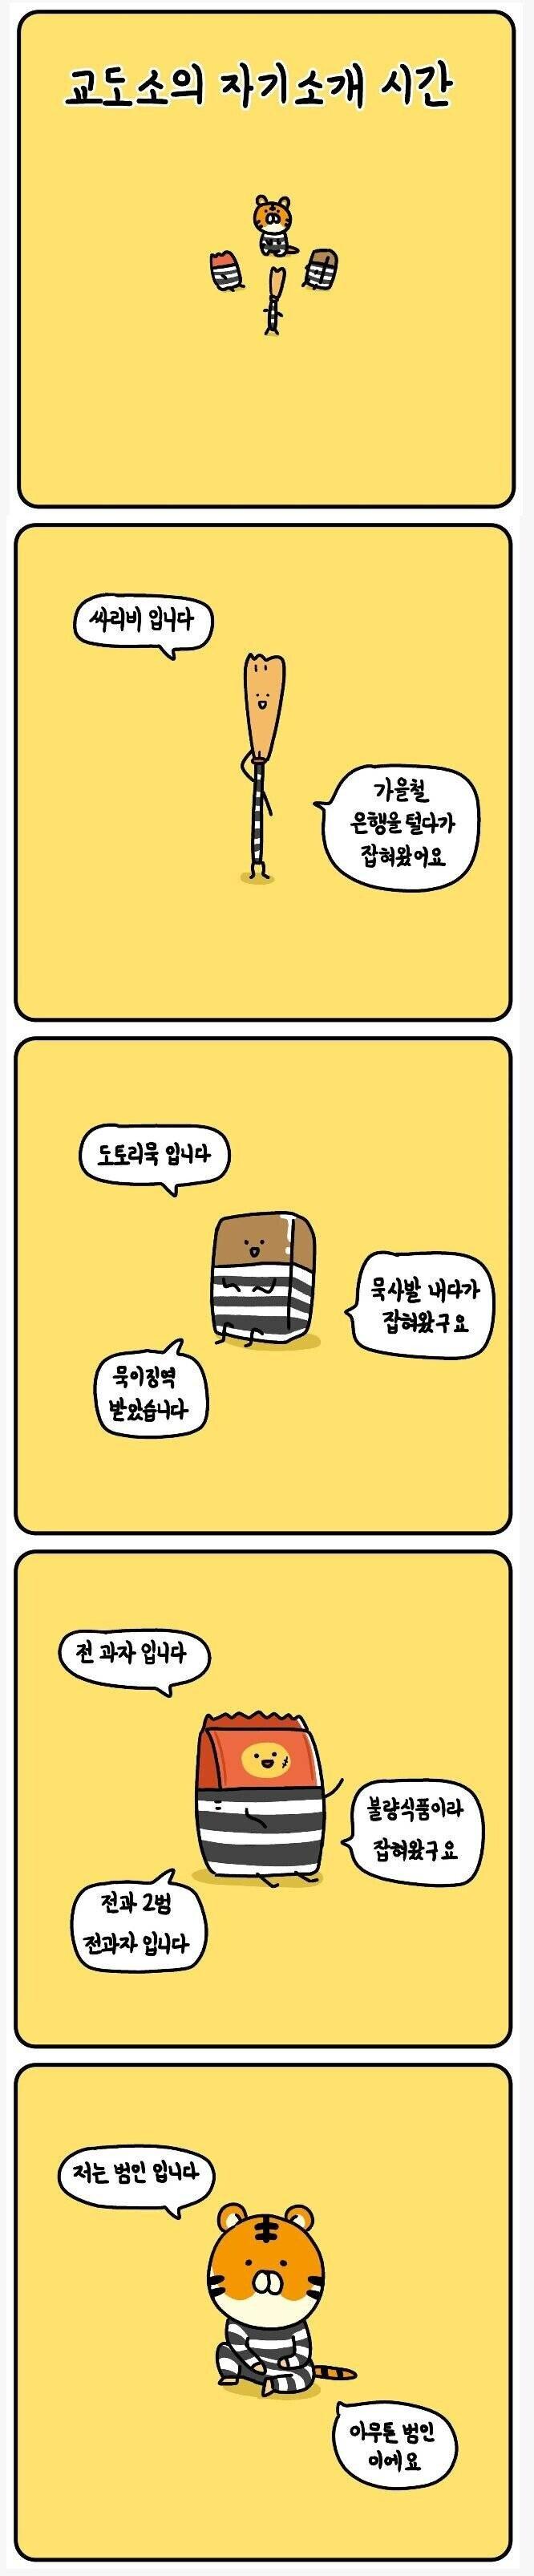 교도소의 자기소개 시간.manhwa